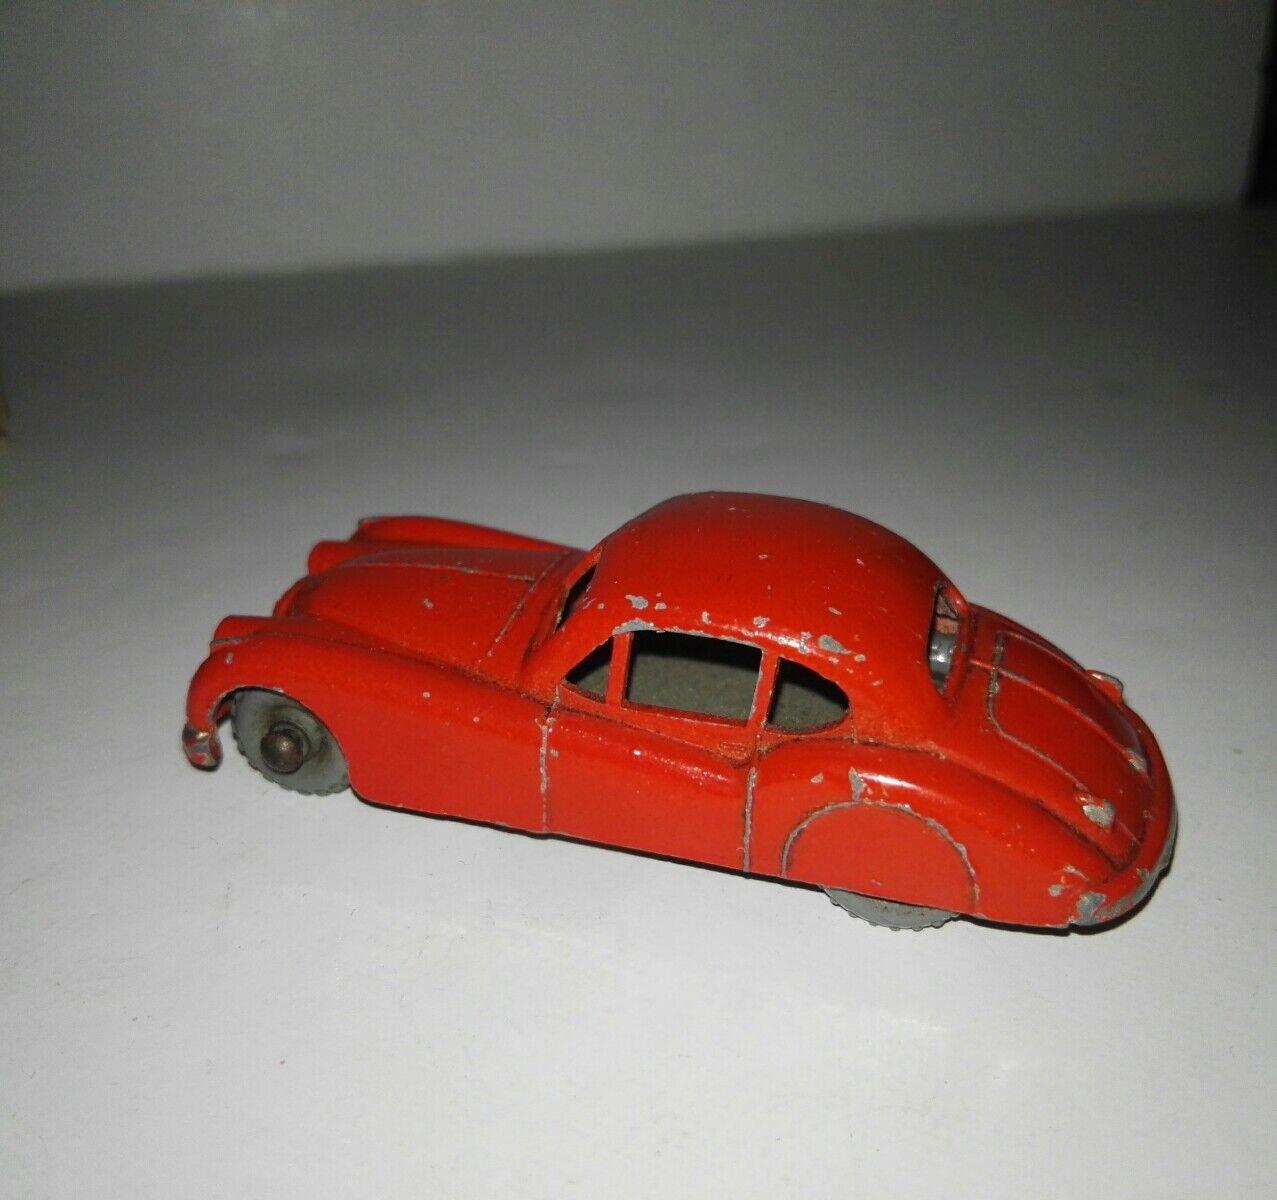 Matchbox 32a Jaguar XK140 by Lesney 1957 extremely rare